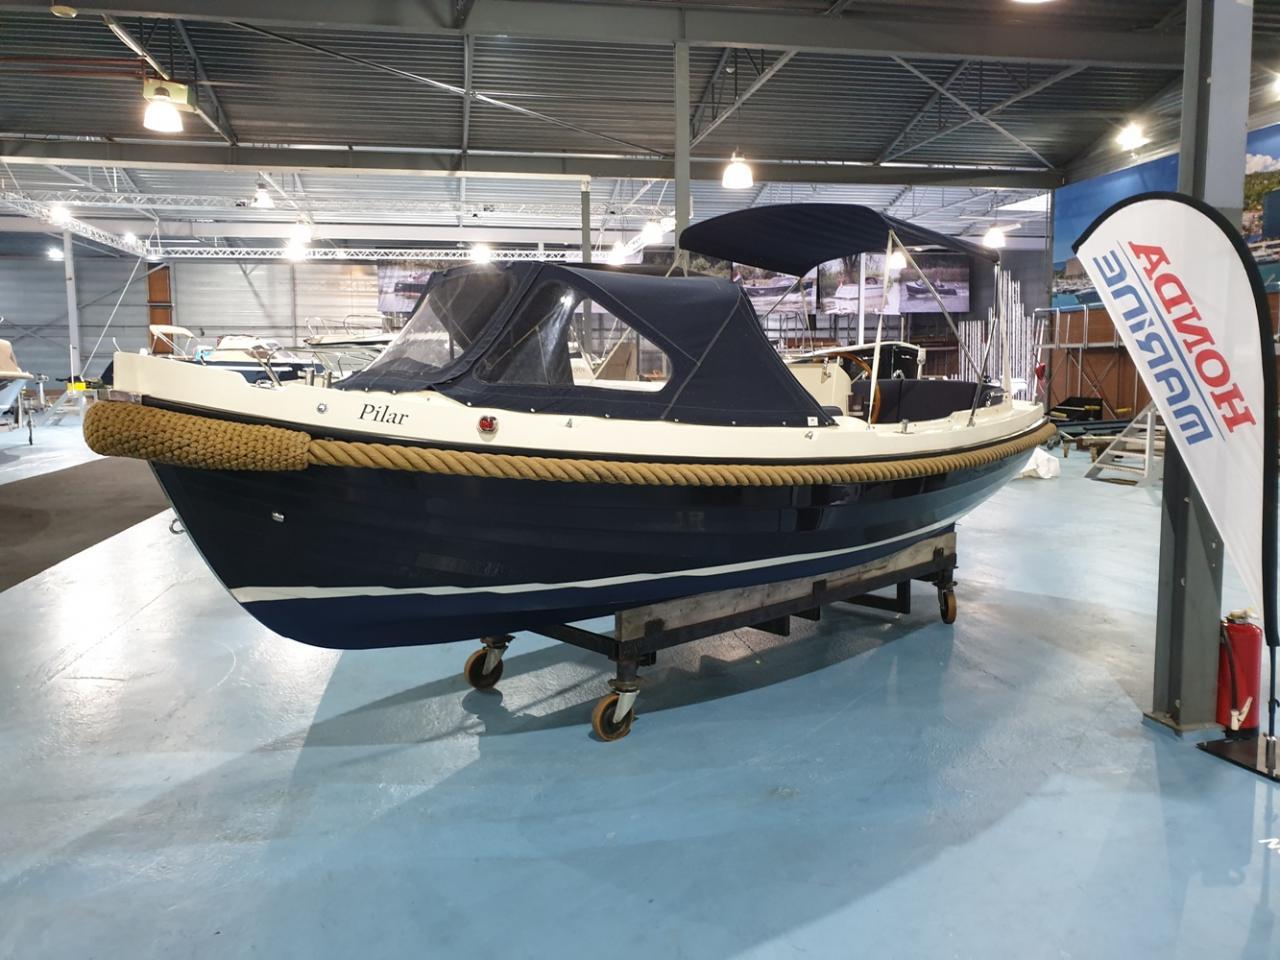 Interboat 19 sloep met Vetus 25 pk diesel 2